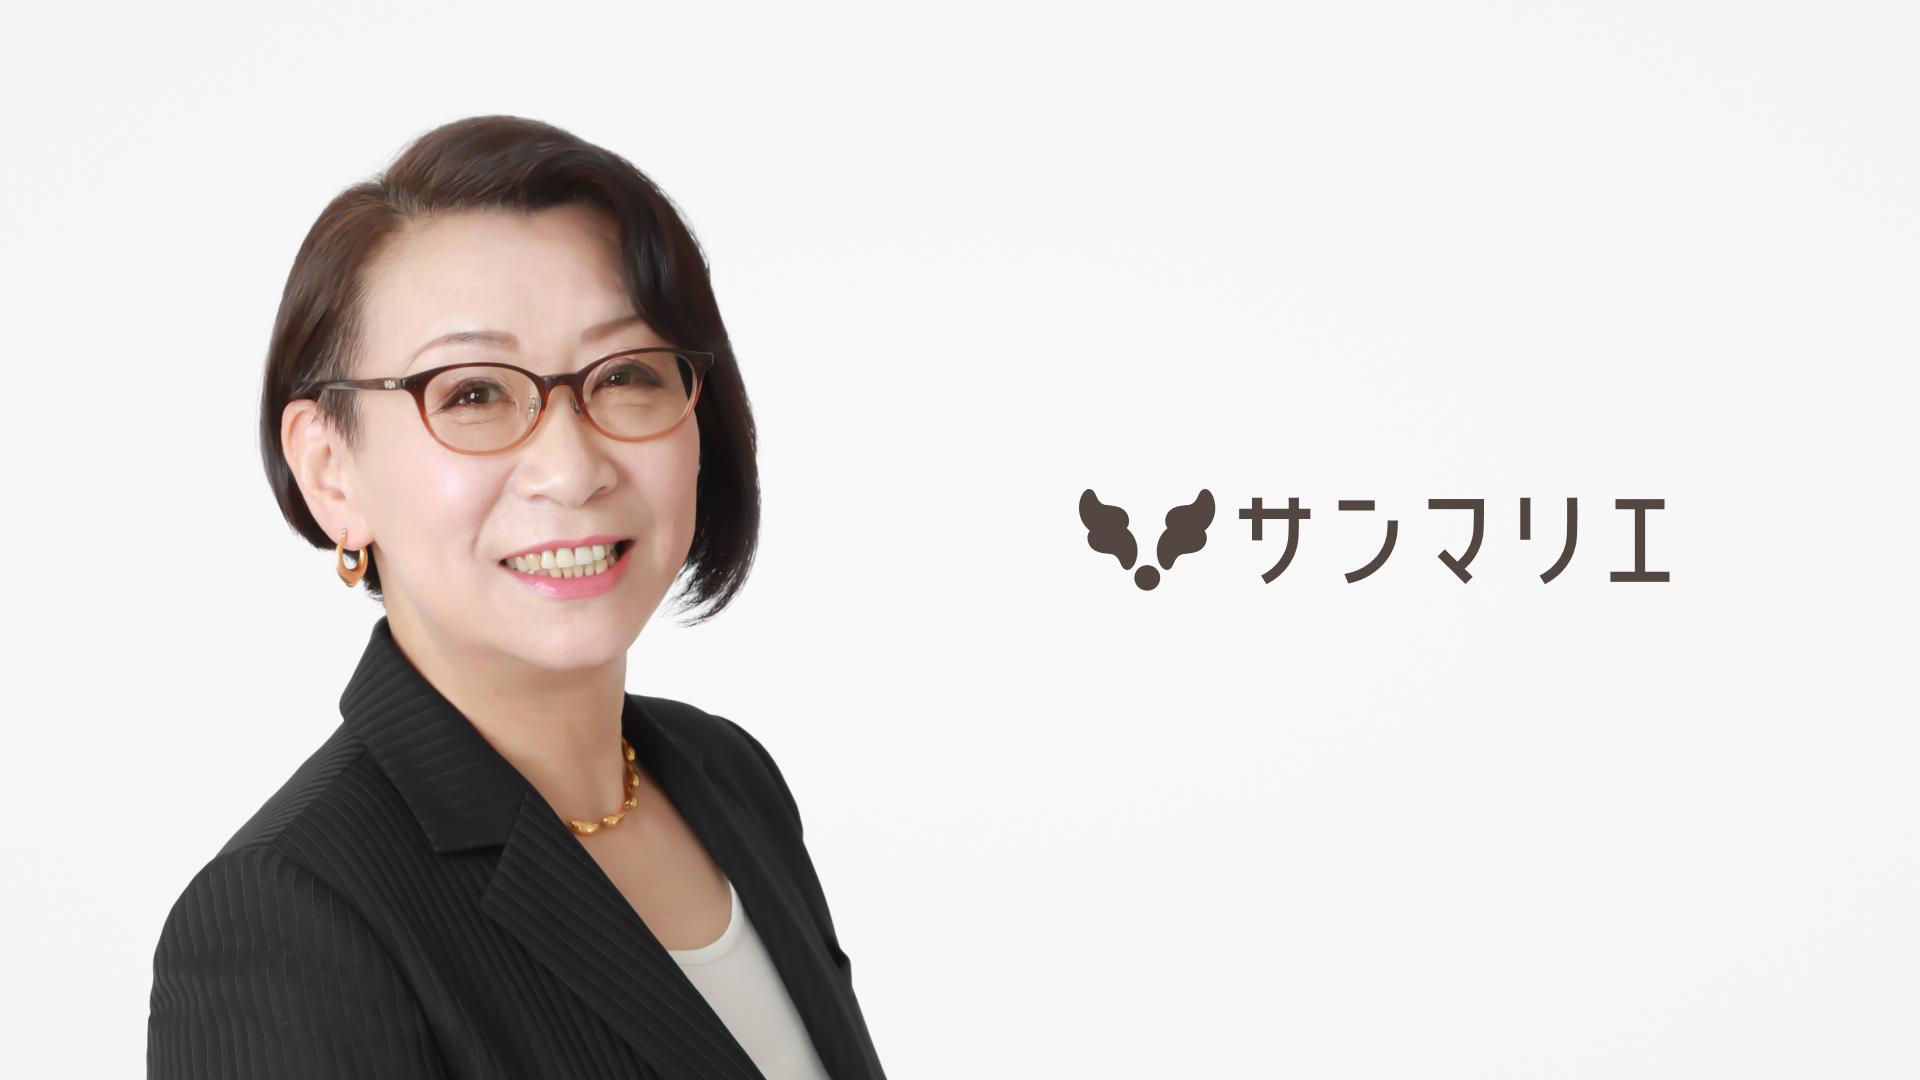 長野サロンの画像 - 婚活・結婚相談所ならサンマリエ